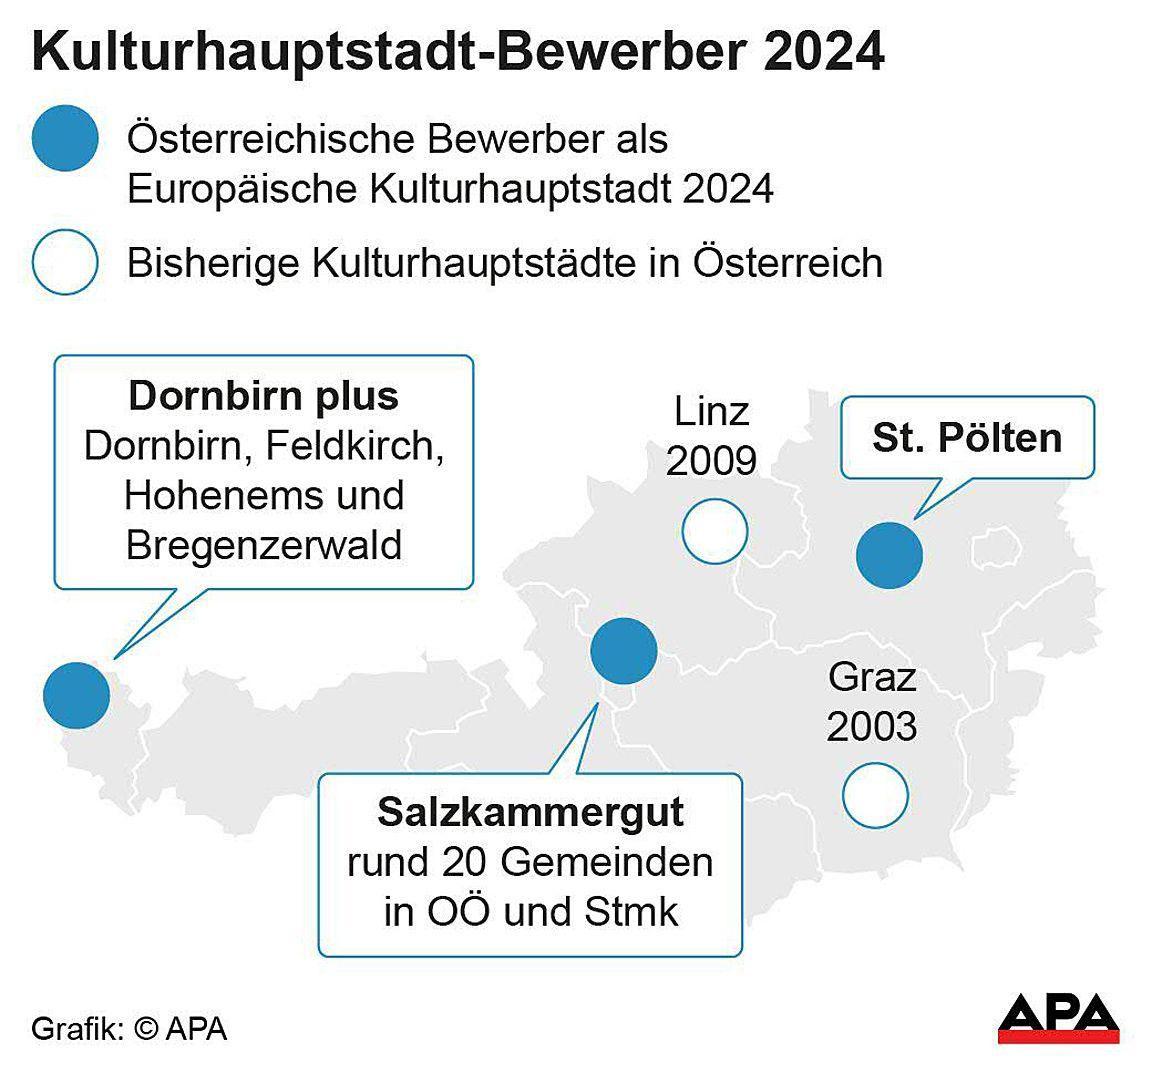 Kulturhauptstadt-Bewerber 2024